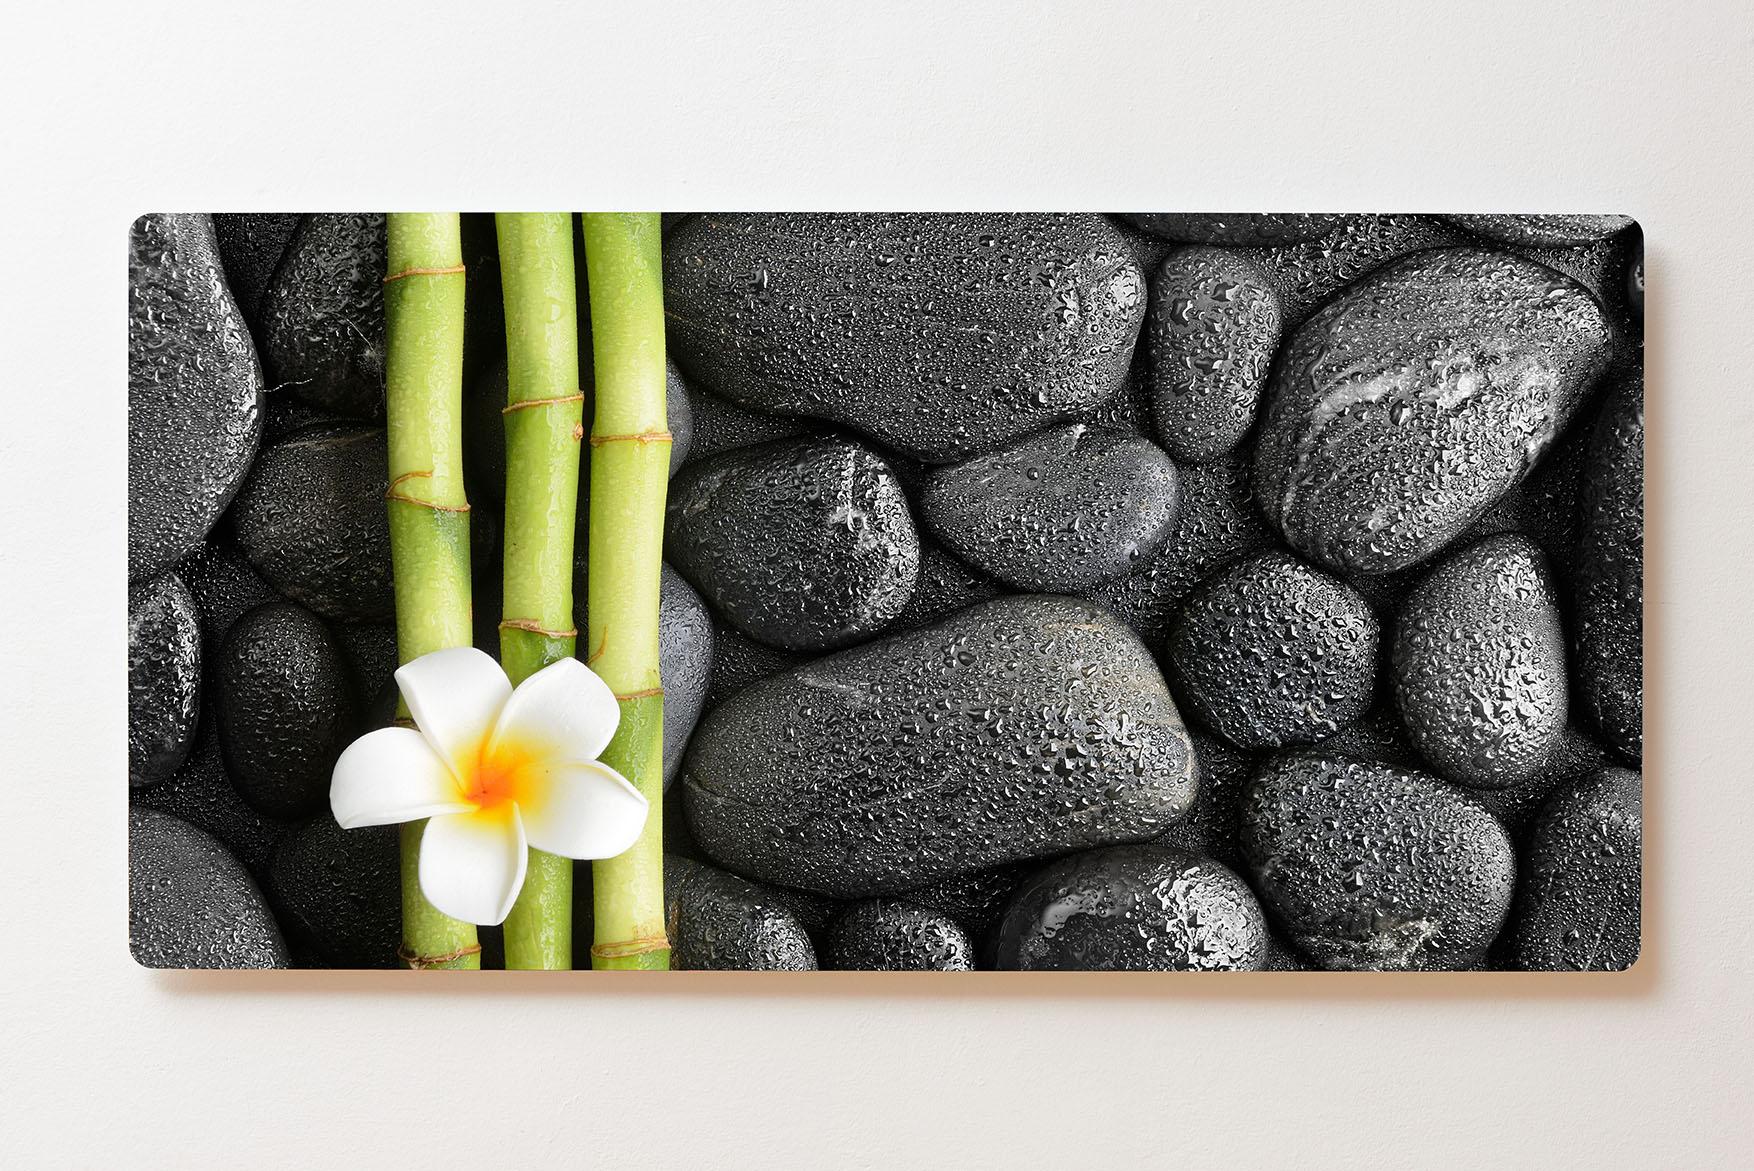 Magnettafel BACKLIGHT 120x60cm Motiv-Wandbild M163 Feng Shui Steine Orchidee